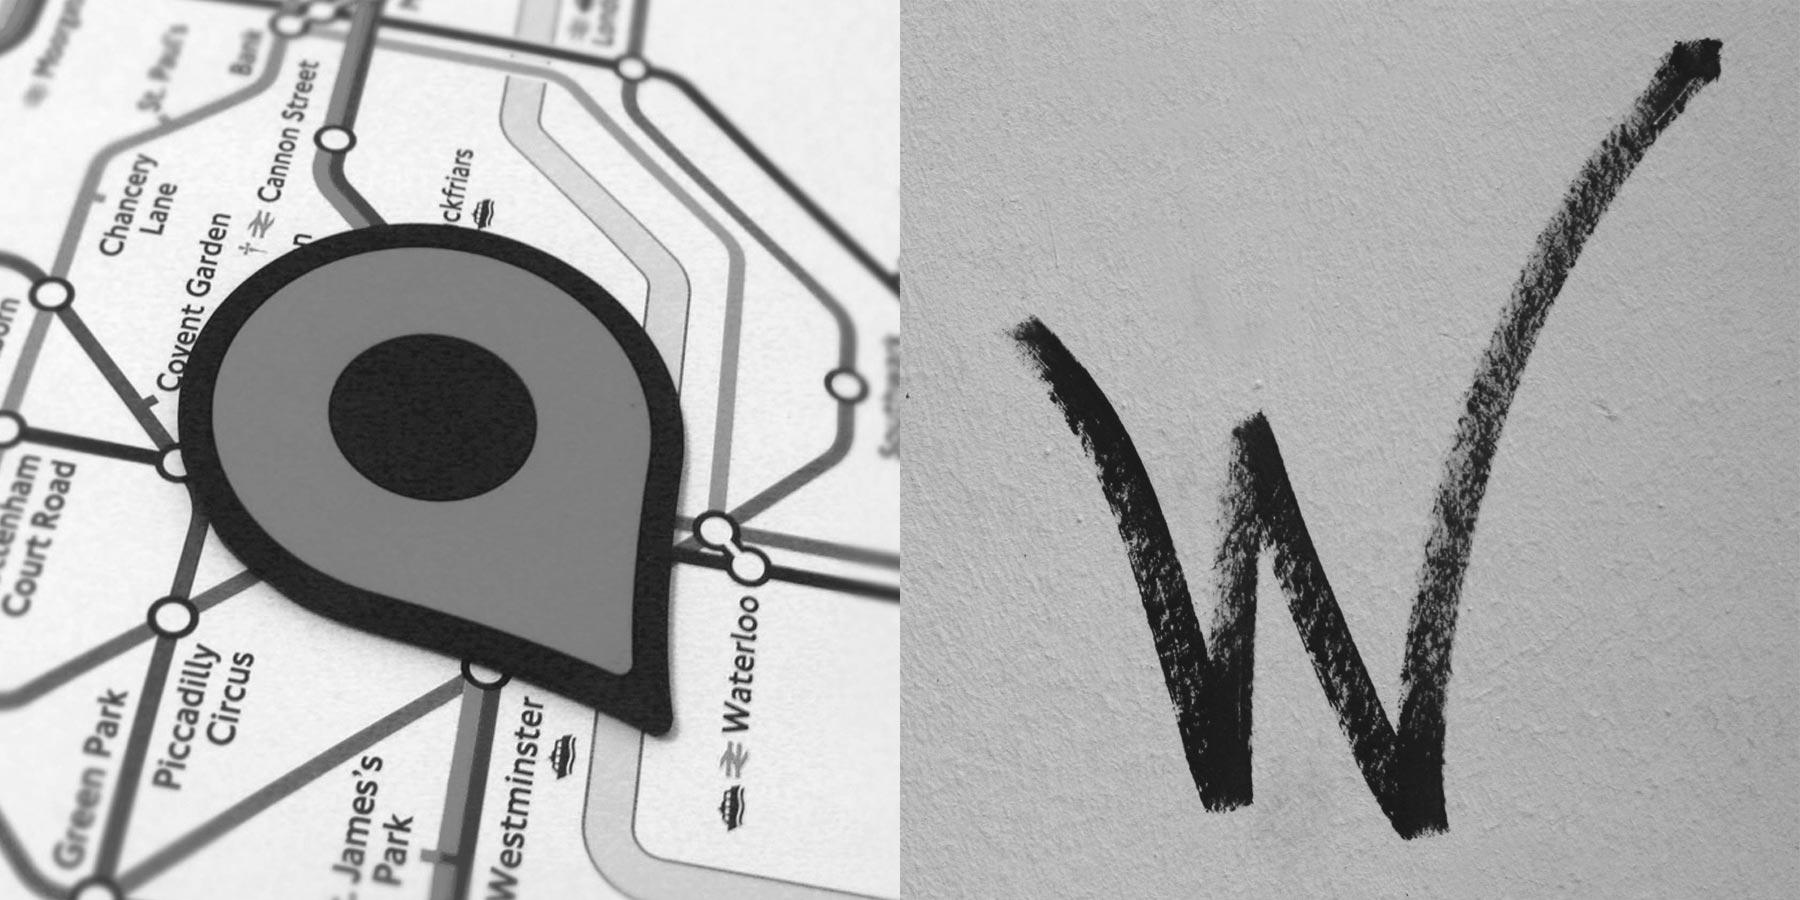 wasskas-logo-design-02